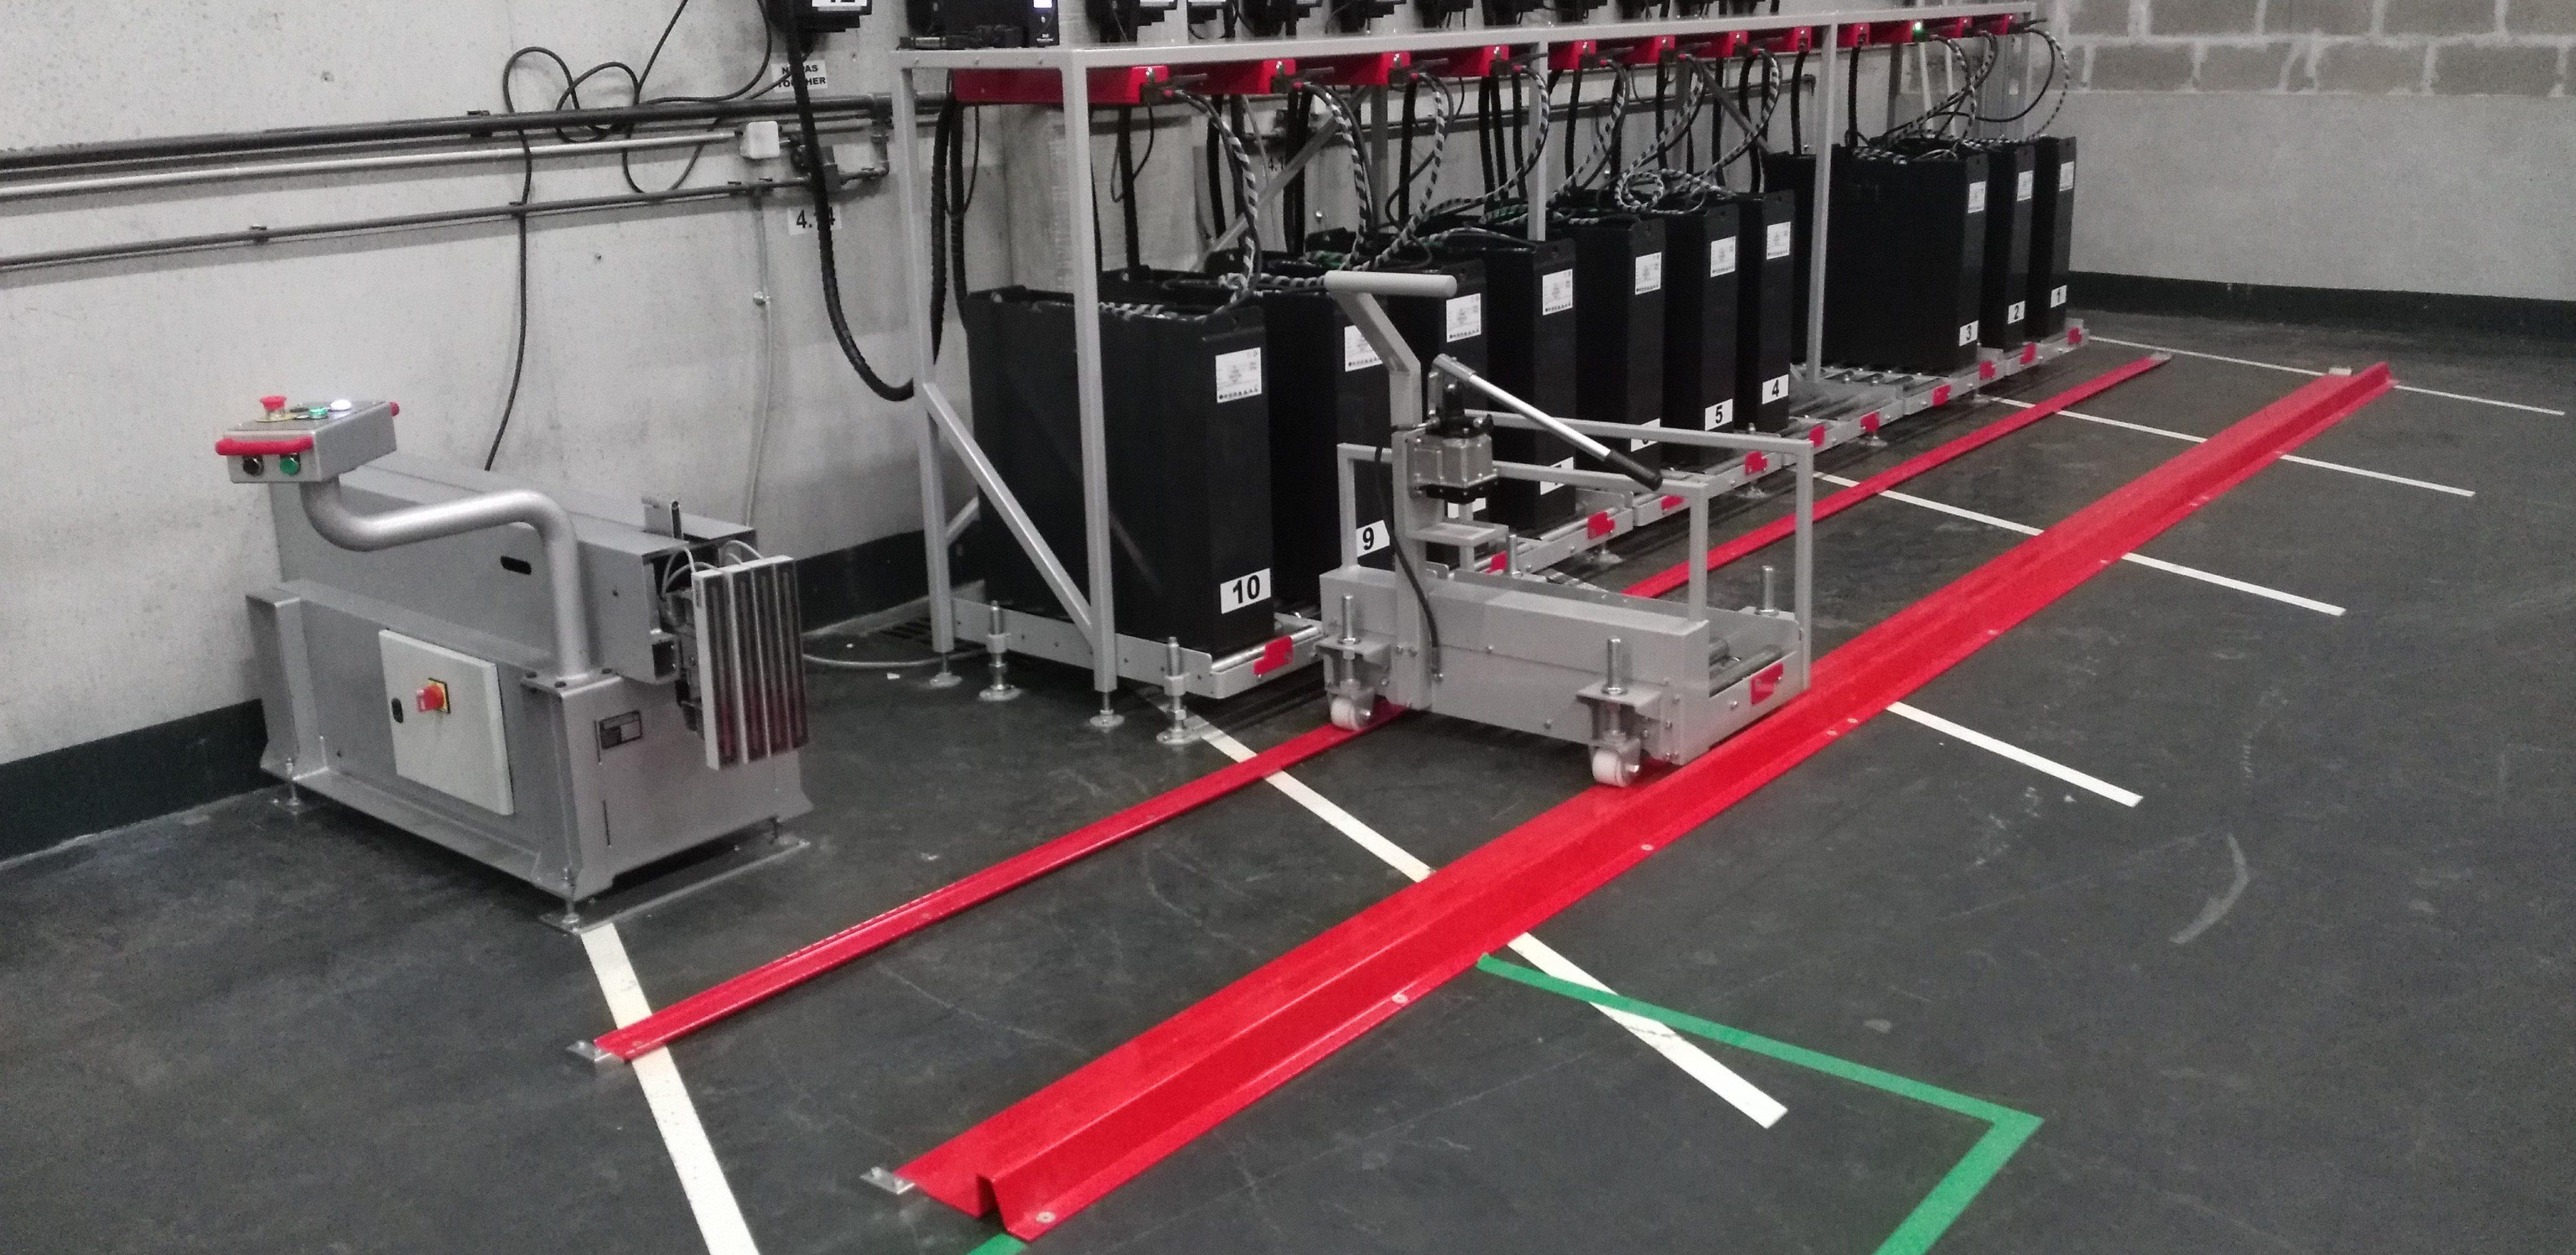 Gestion FIFO et tireur-pousseur fixe AE-TPF pour changer les batteries